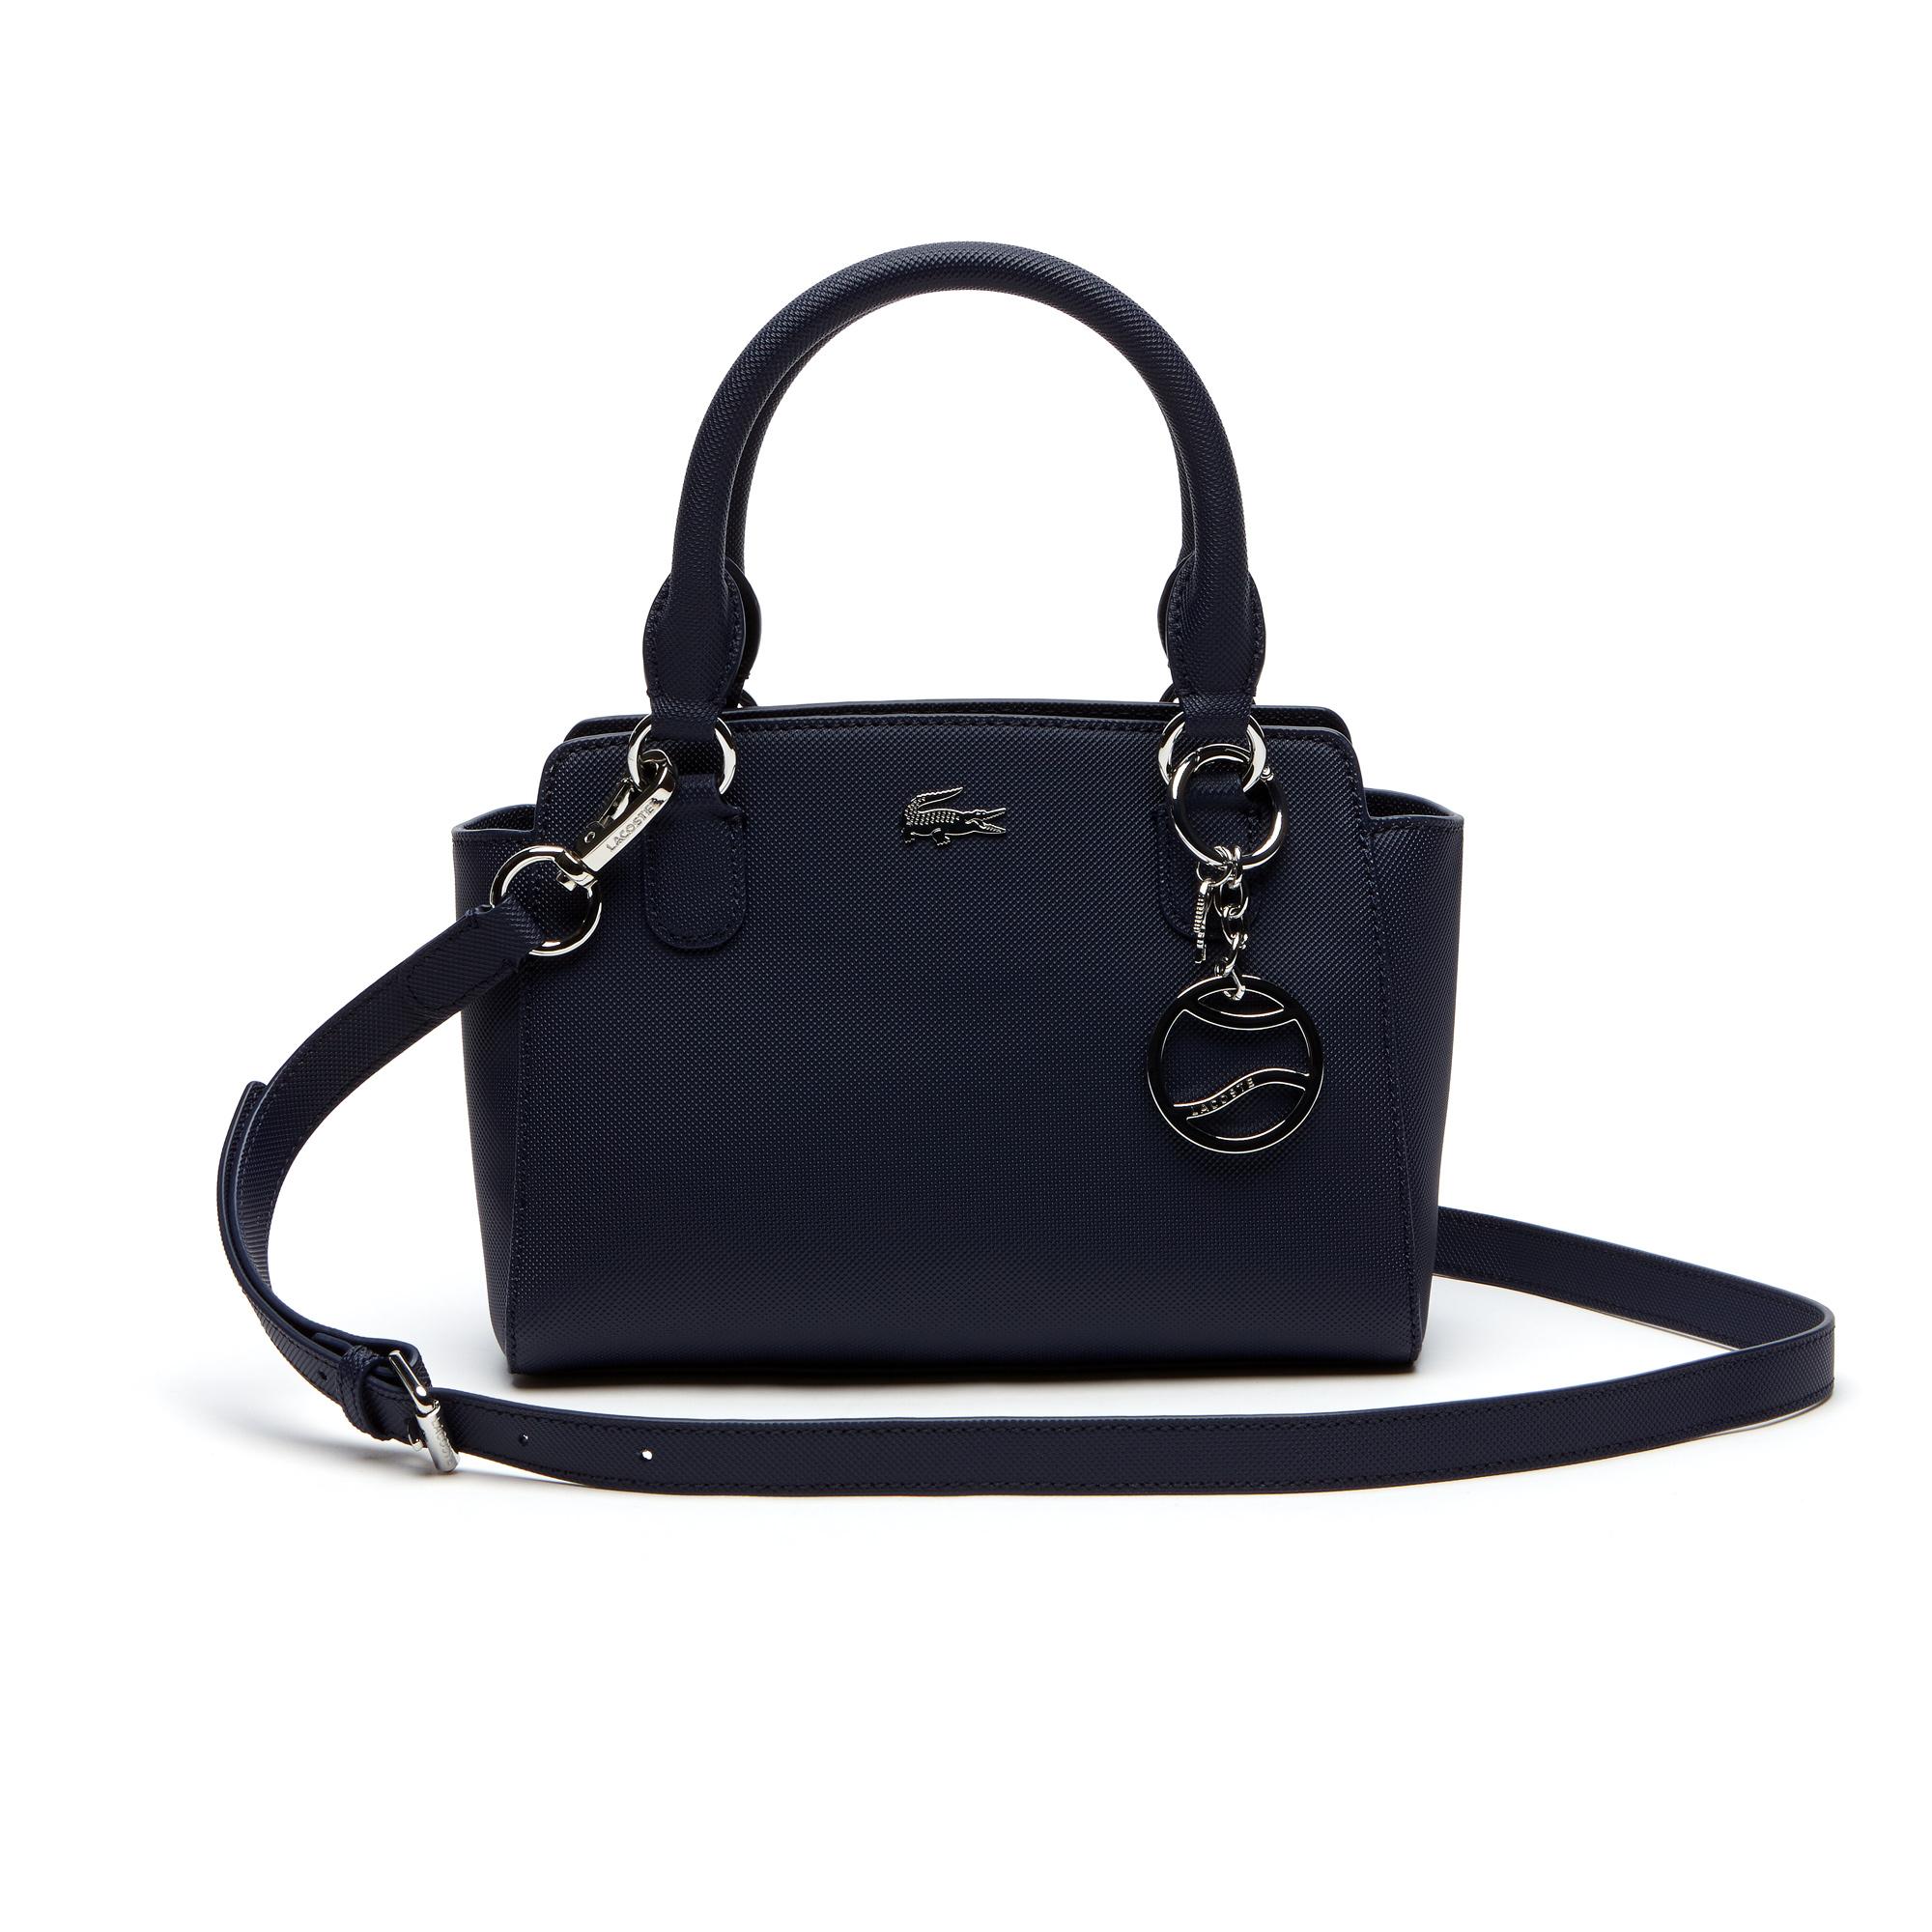 Сумка LacosteСумки и кошельки<br>Детали: женская сумка с регулируемым плечевым ремнем, с брелоком  \ Материал: 100% ПВХ \ Страна производства: Китай